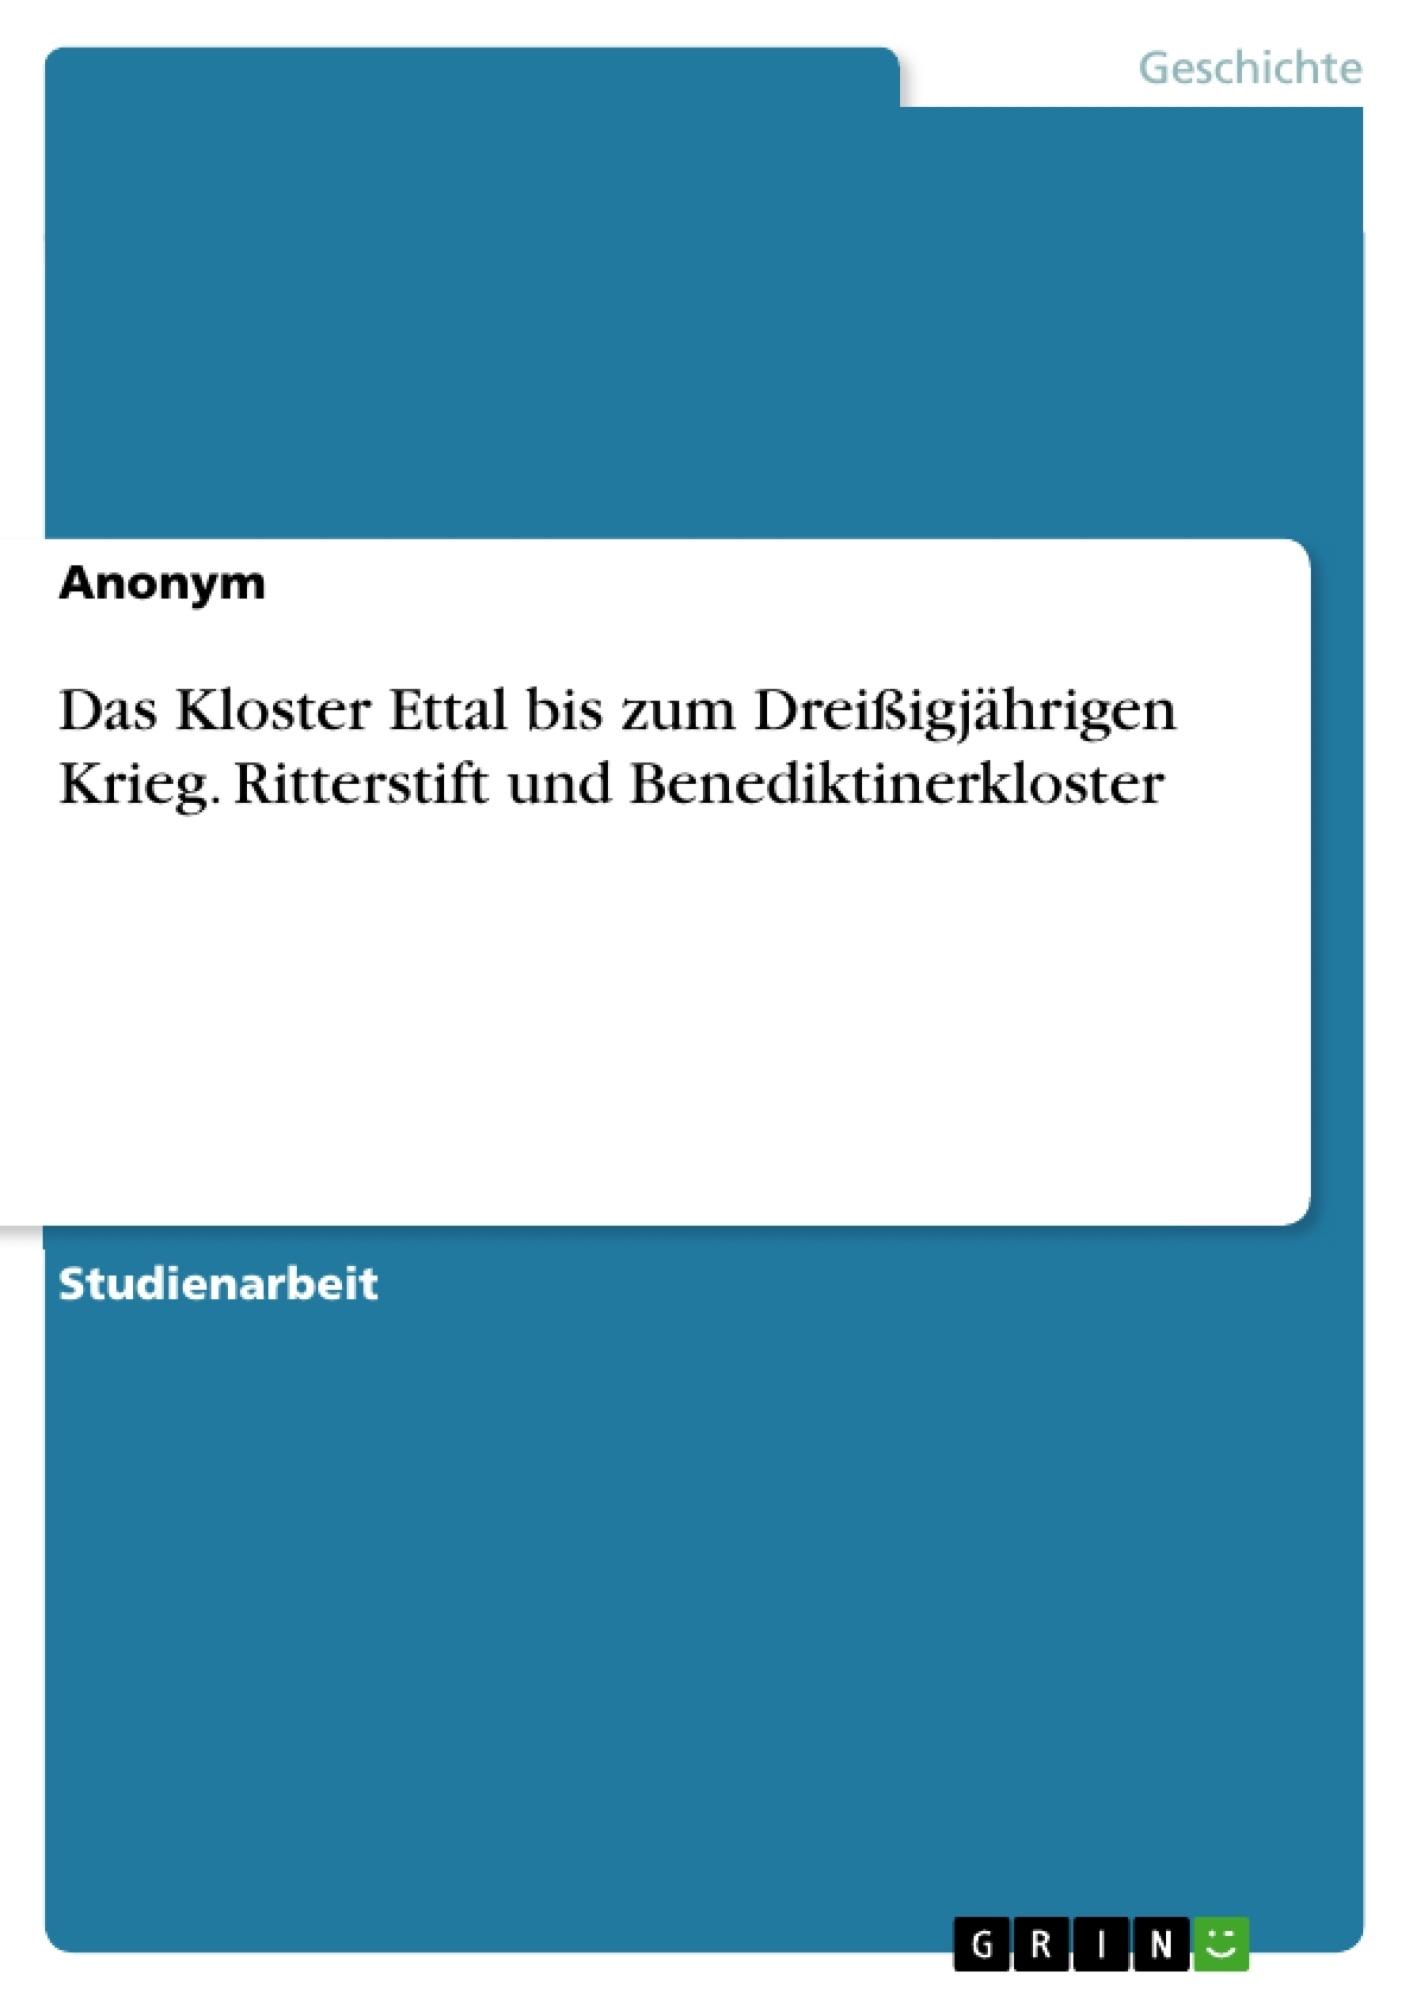 Titel: Das Kloster Ettal bis zum Dreißigjährigen Krieg. Ritterstift und Benediktinerkloster